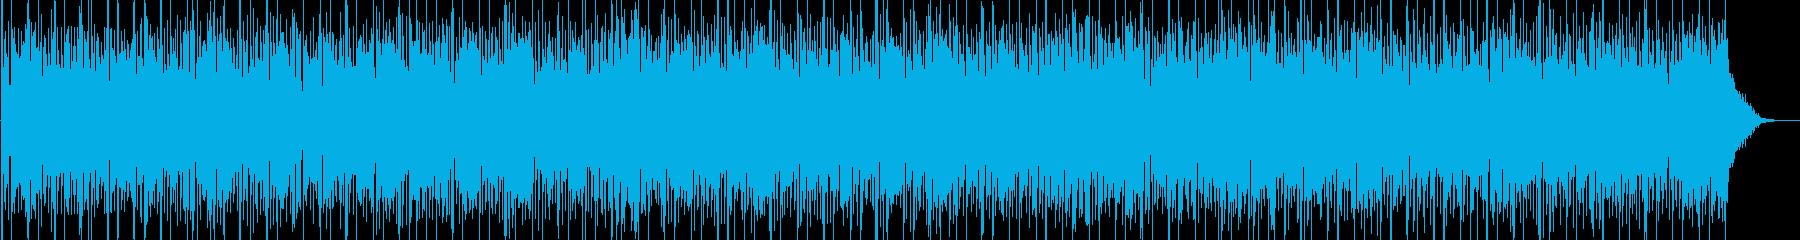 ほのぼのとした日常系アコースティックの再生済みの波形